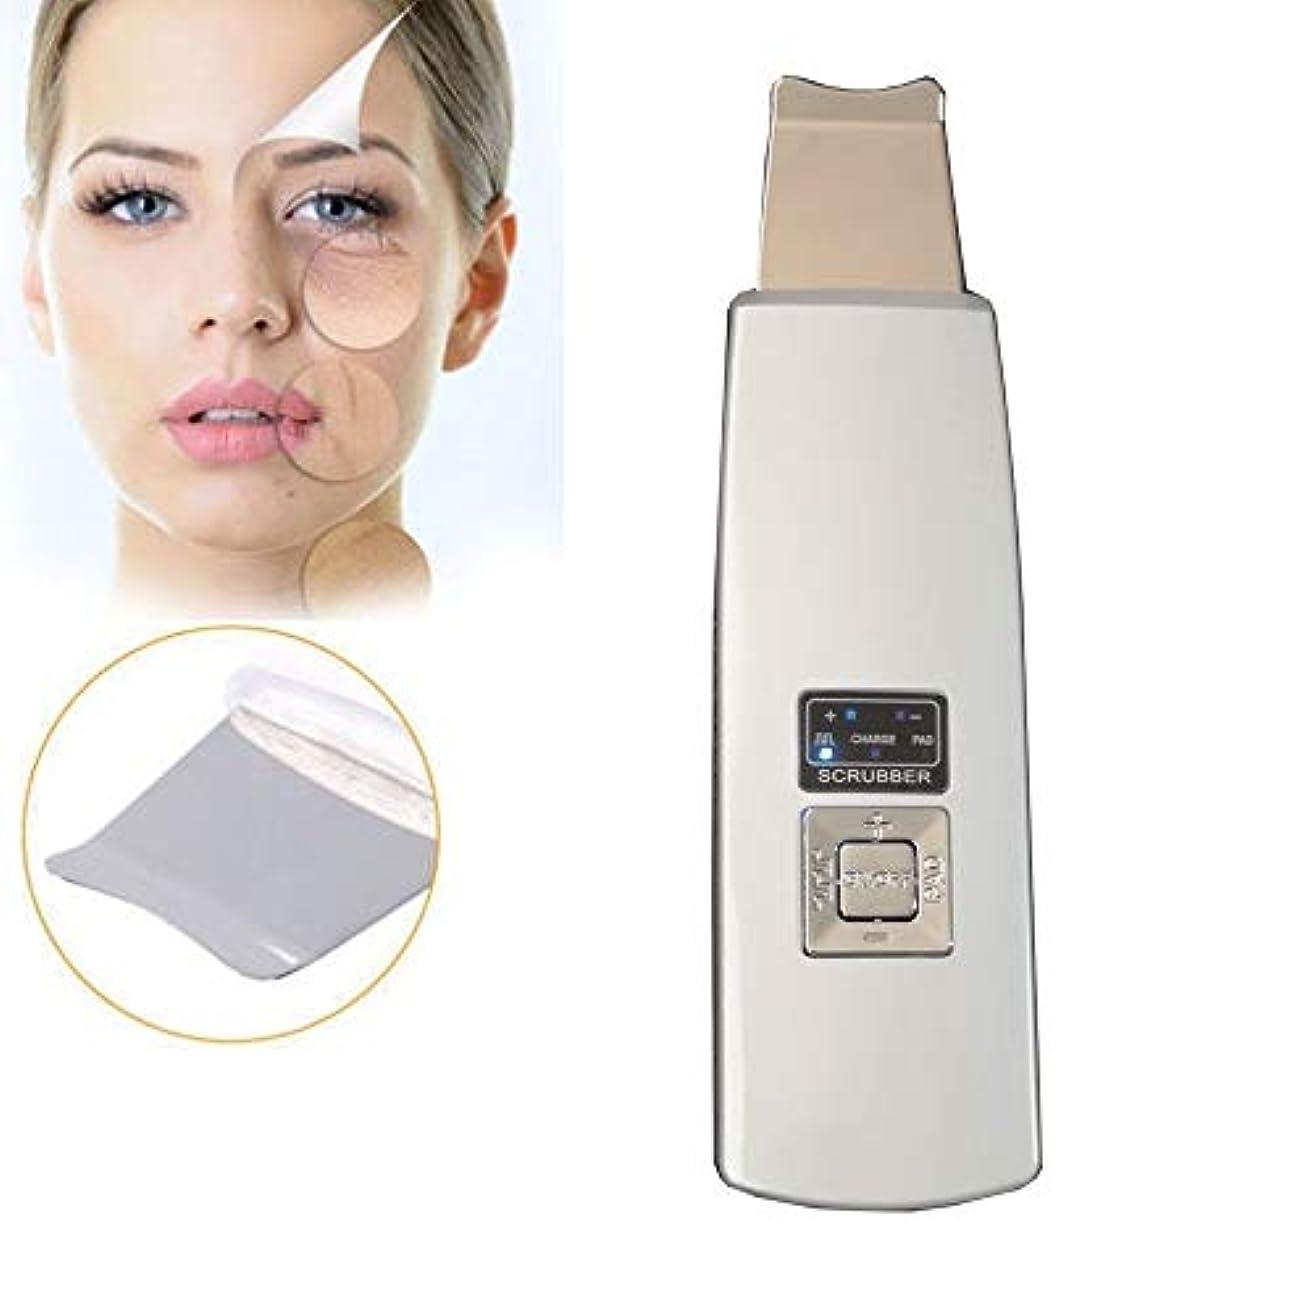 冷蔵するカラスアンデス山脈顔の皮膚のスクラバー、ポータブル?フェイシャル超音波超音波イオンスキンケアスクラバーデバイス美容機は、ブラックヘッド面皰死んだ皮膚の除去を削除する方法